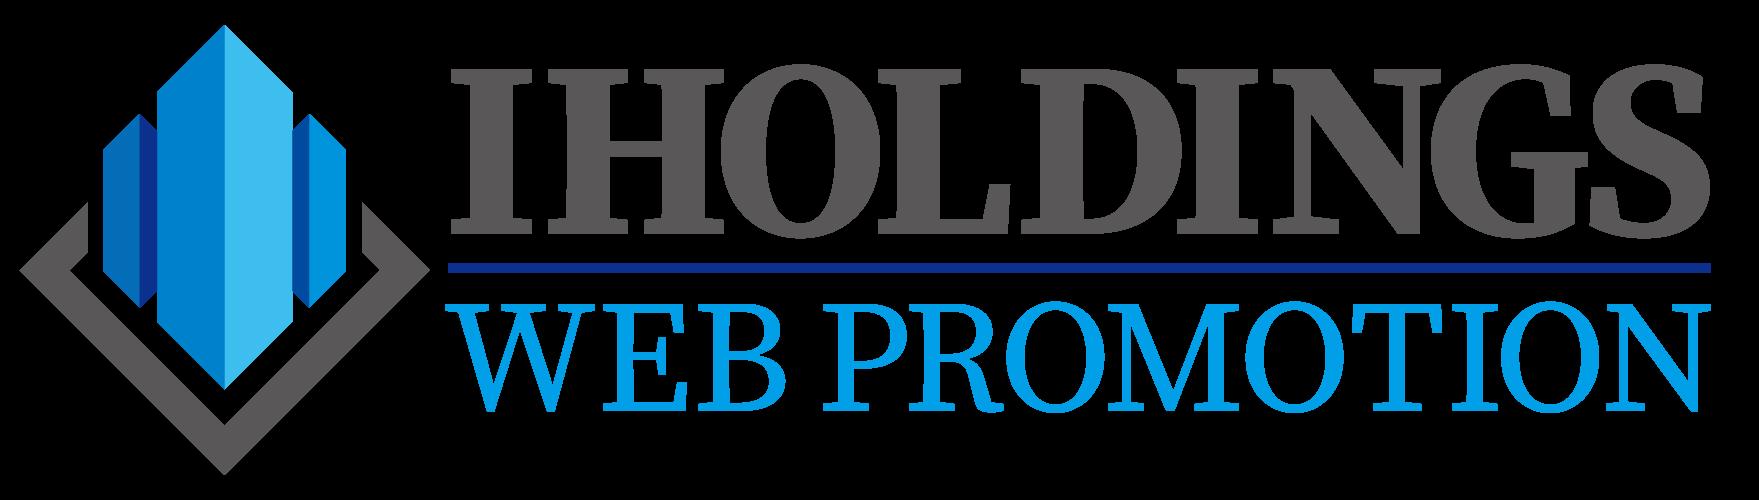 静岡発のホームページ制作・Web集客・映像制作ならIHOLDINGS